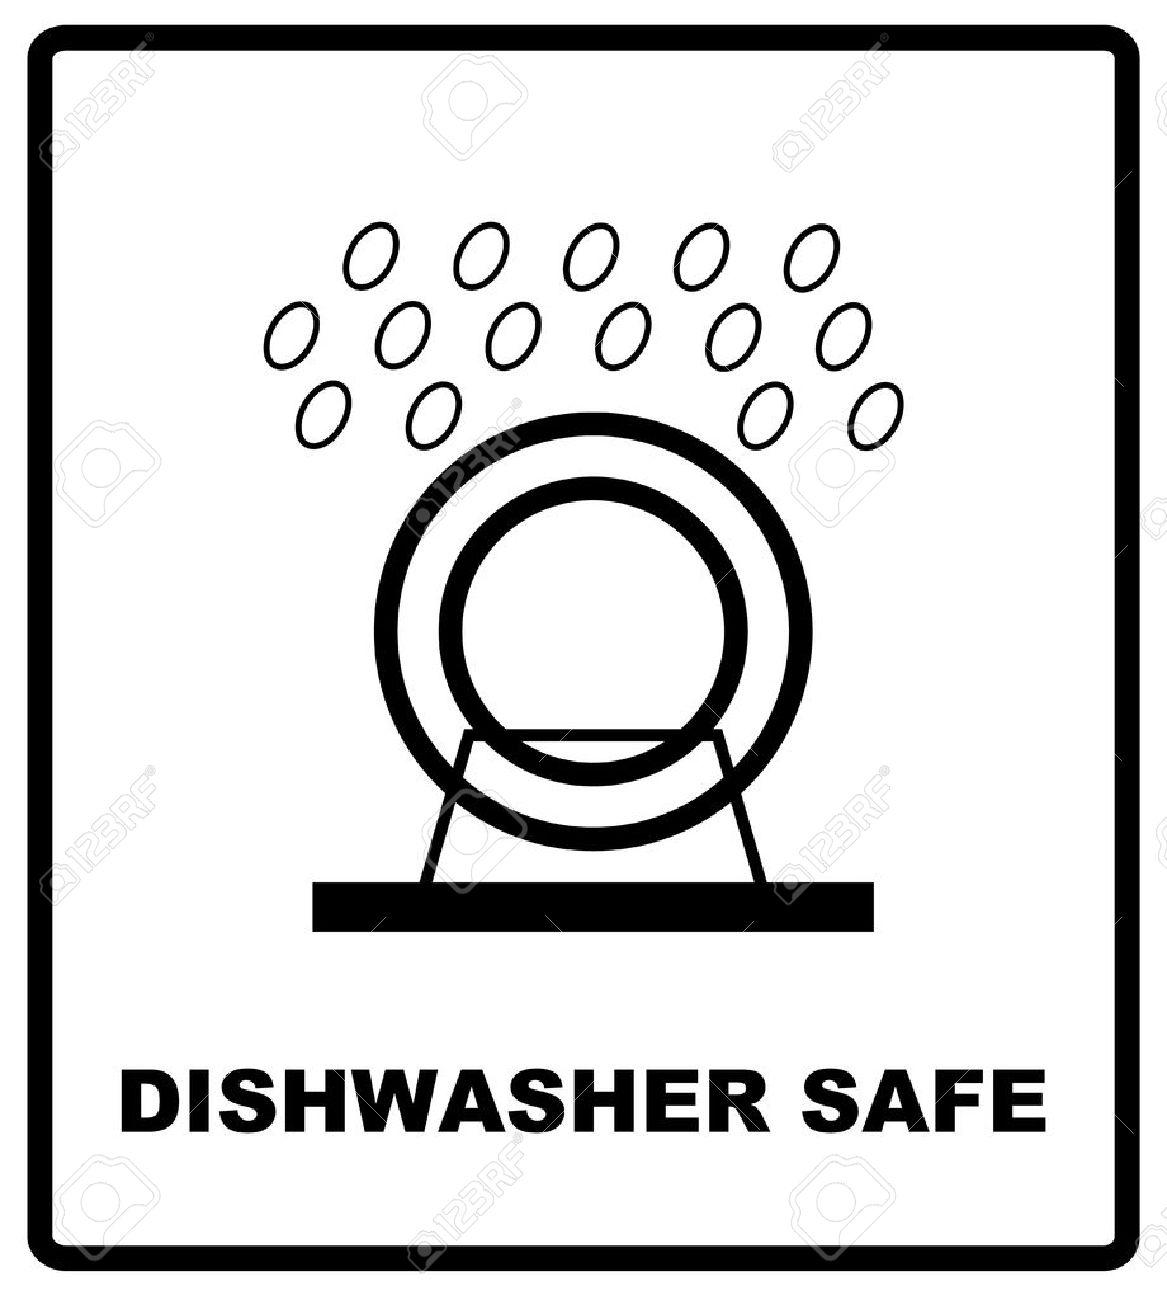 Dishwasher safe symbol isolated dishwasher safe sign isolated dishwasher safe symbol isolated dishwasher safe sign isolated vector illustration symbol for use buycottarizona